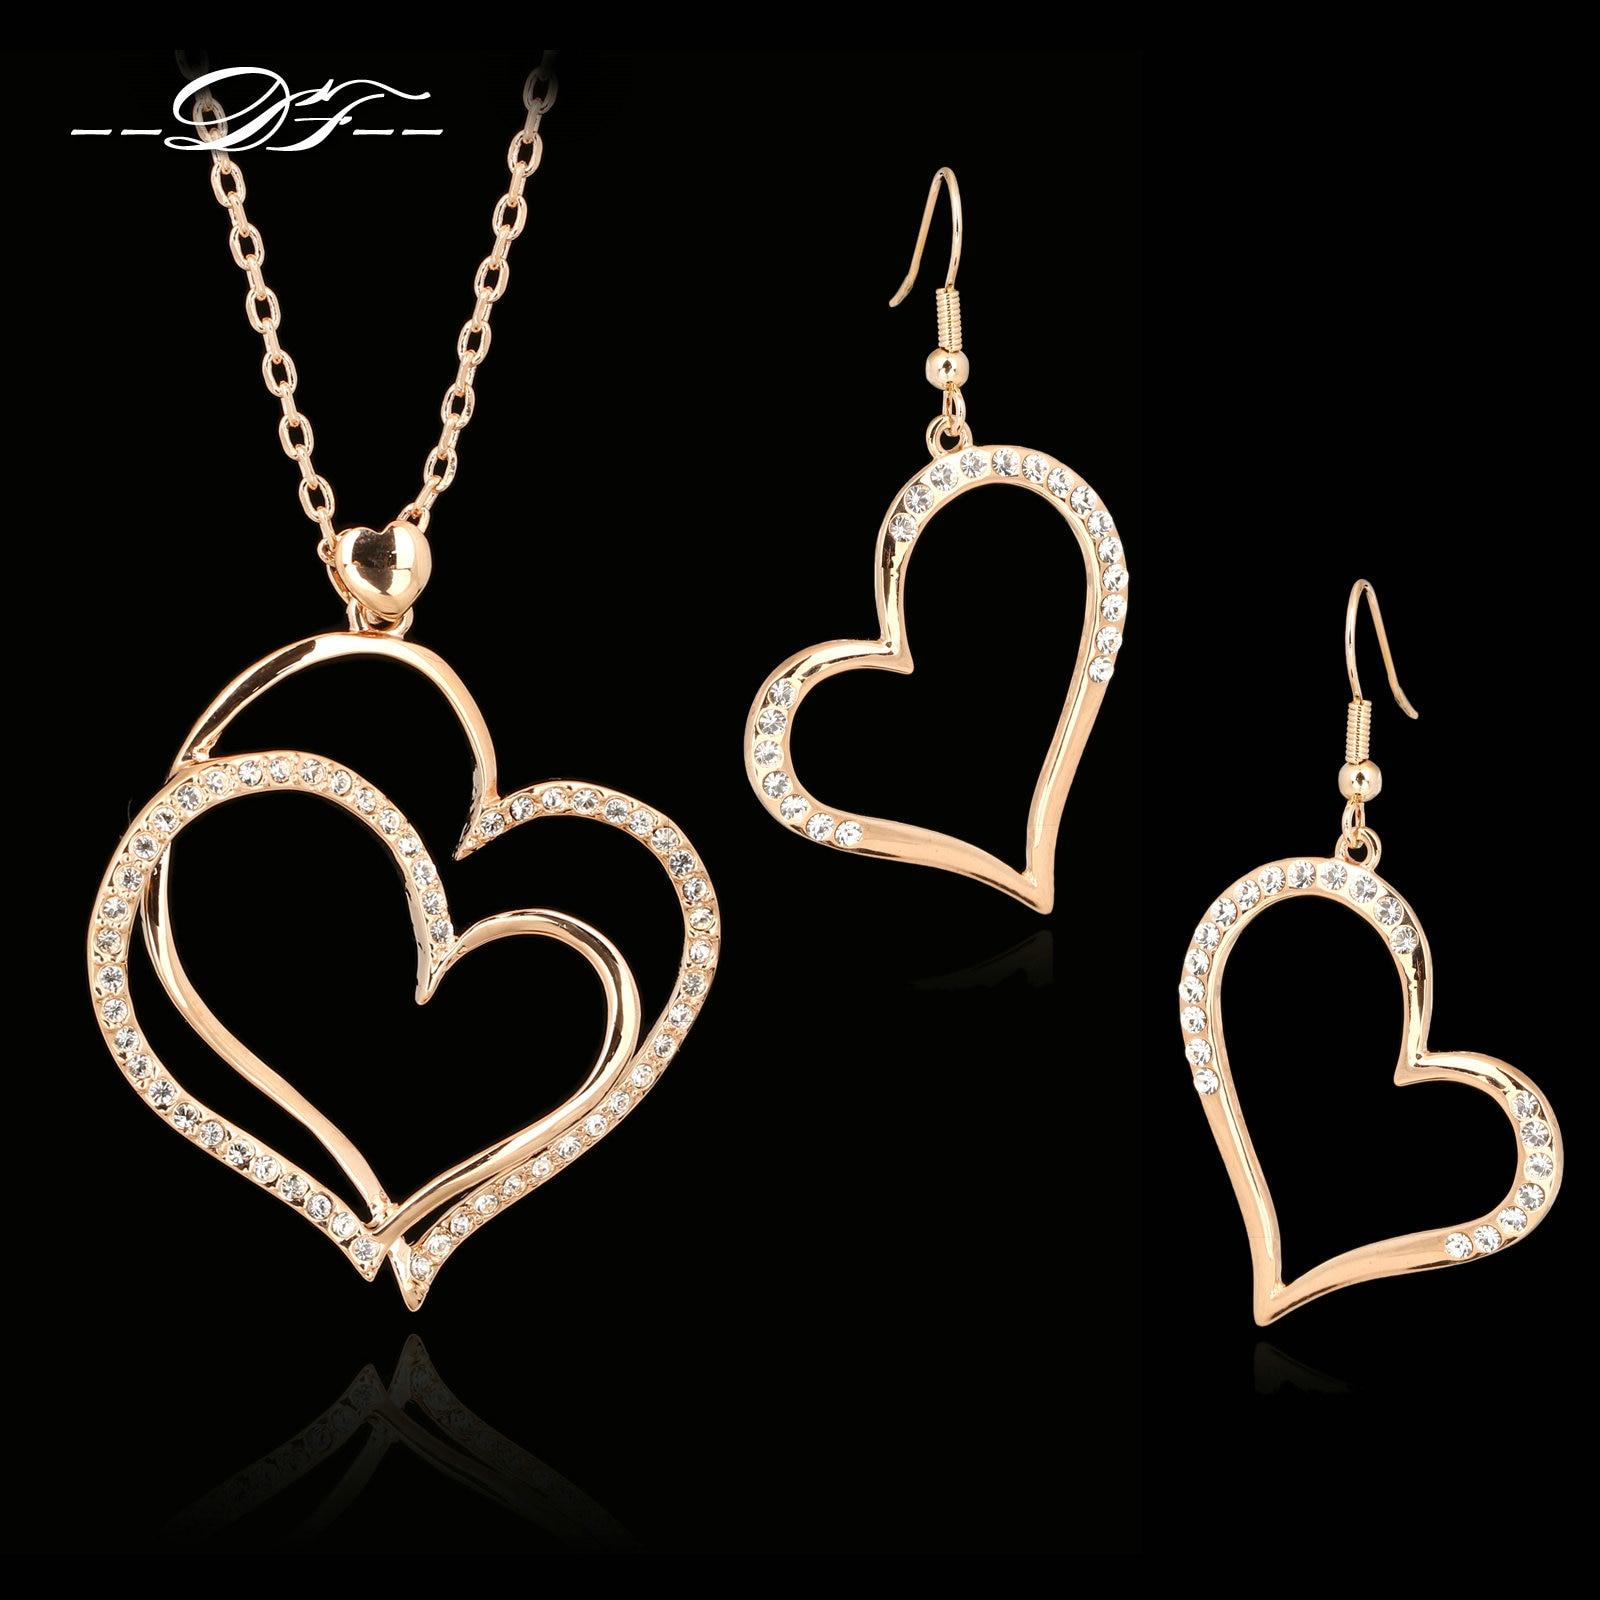 e6673c19d754 DFS271 exagerados grande amor corazón collares y colgantes pendientes de  gancho de oro Color de rosa Zirconia cúbico boda conjuntos de joyas